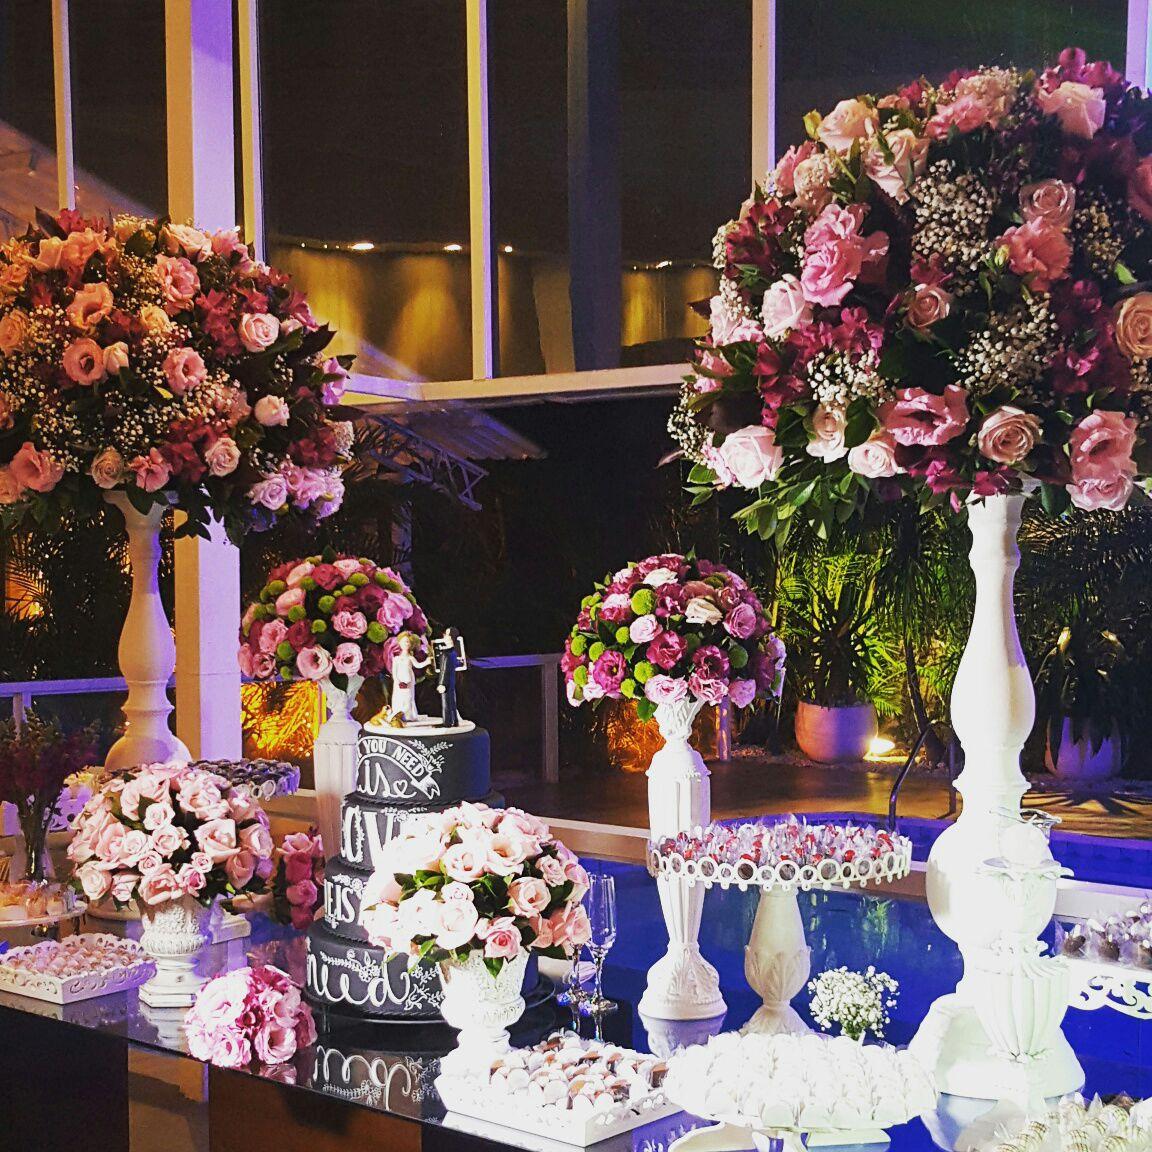 tutti-flora-luane-rafael-mesa-doces-decoracao-flores-casamento-convencao-boho-eventos-producao-buque-noiva-debutante.jpg